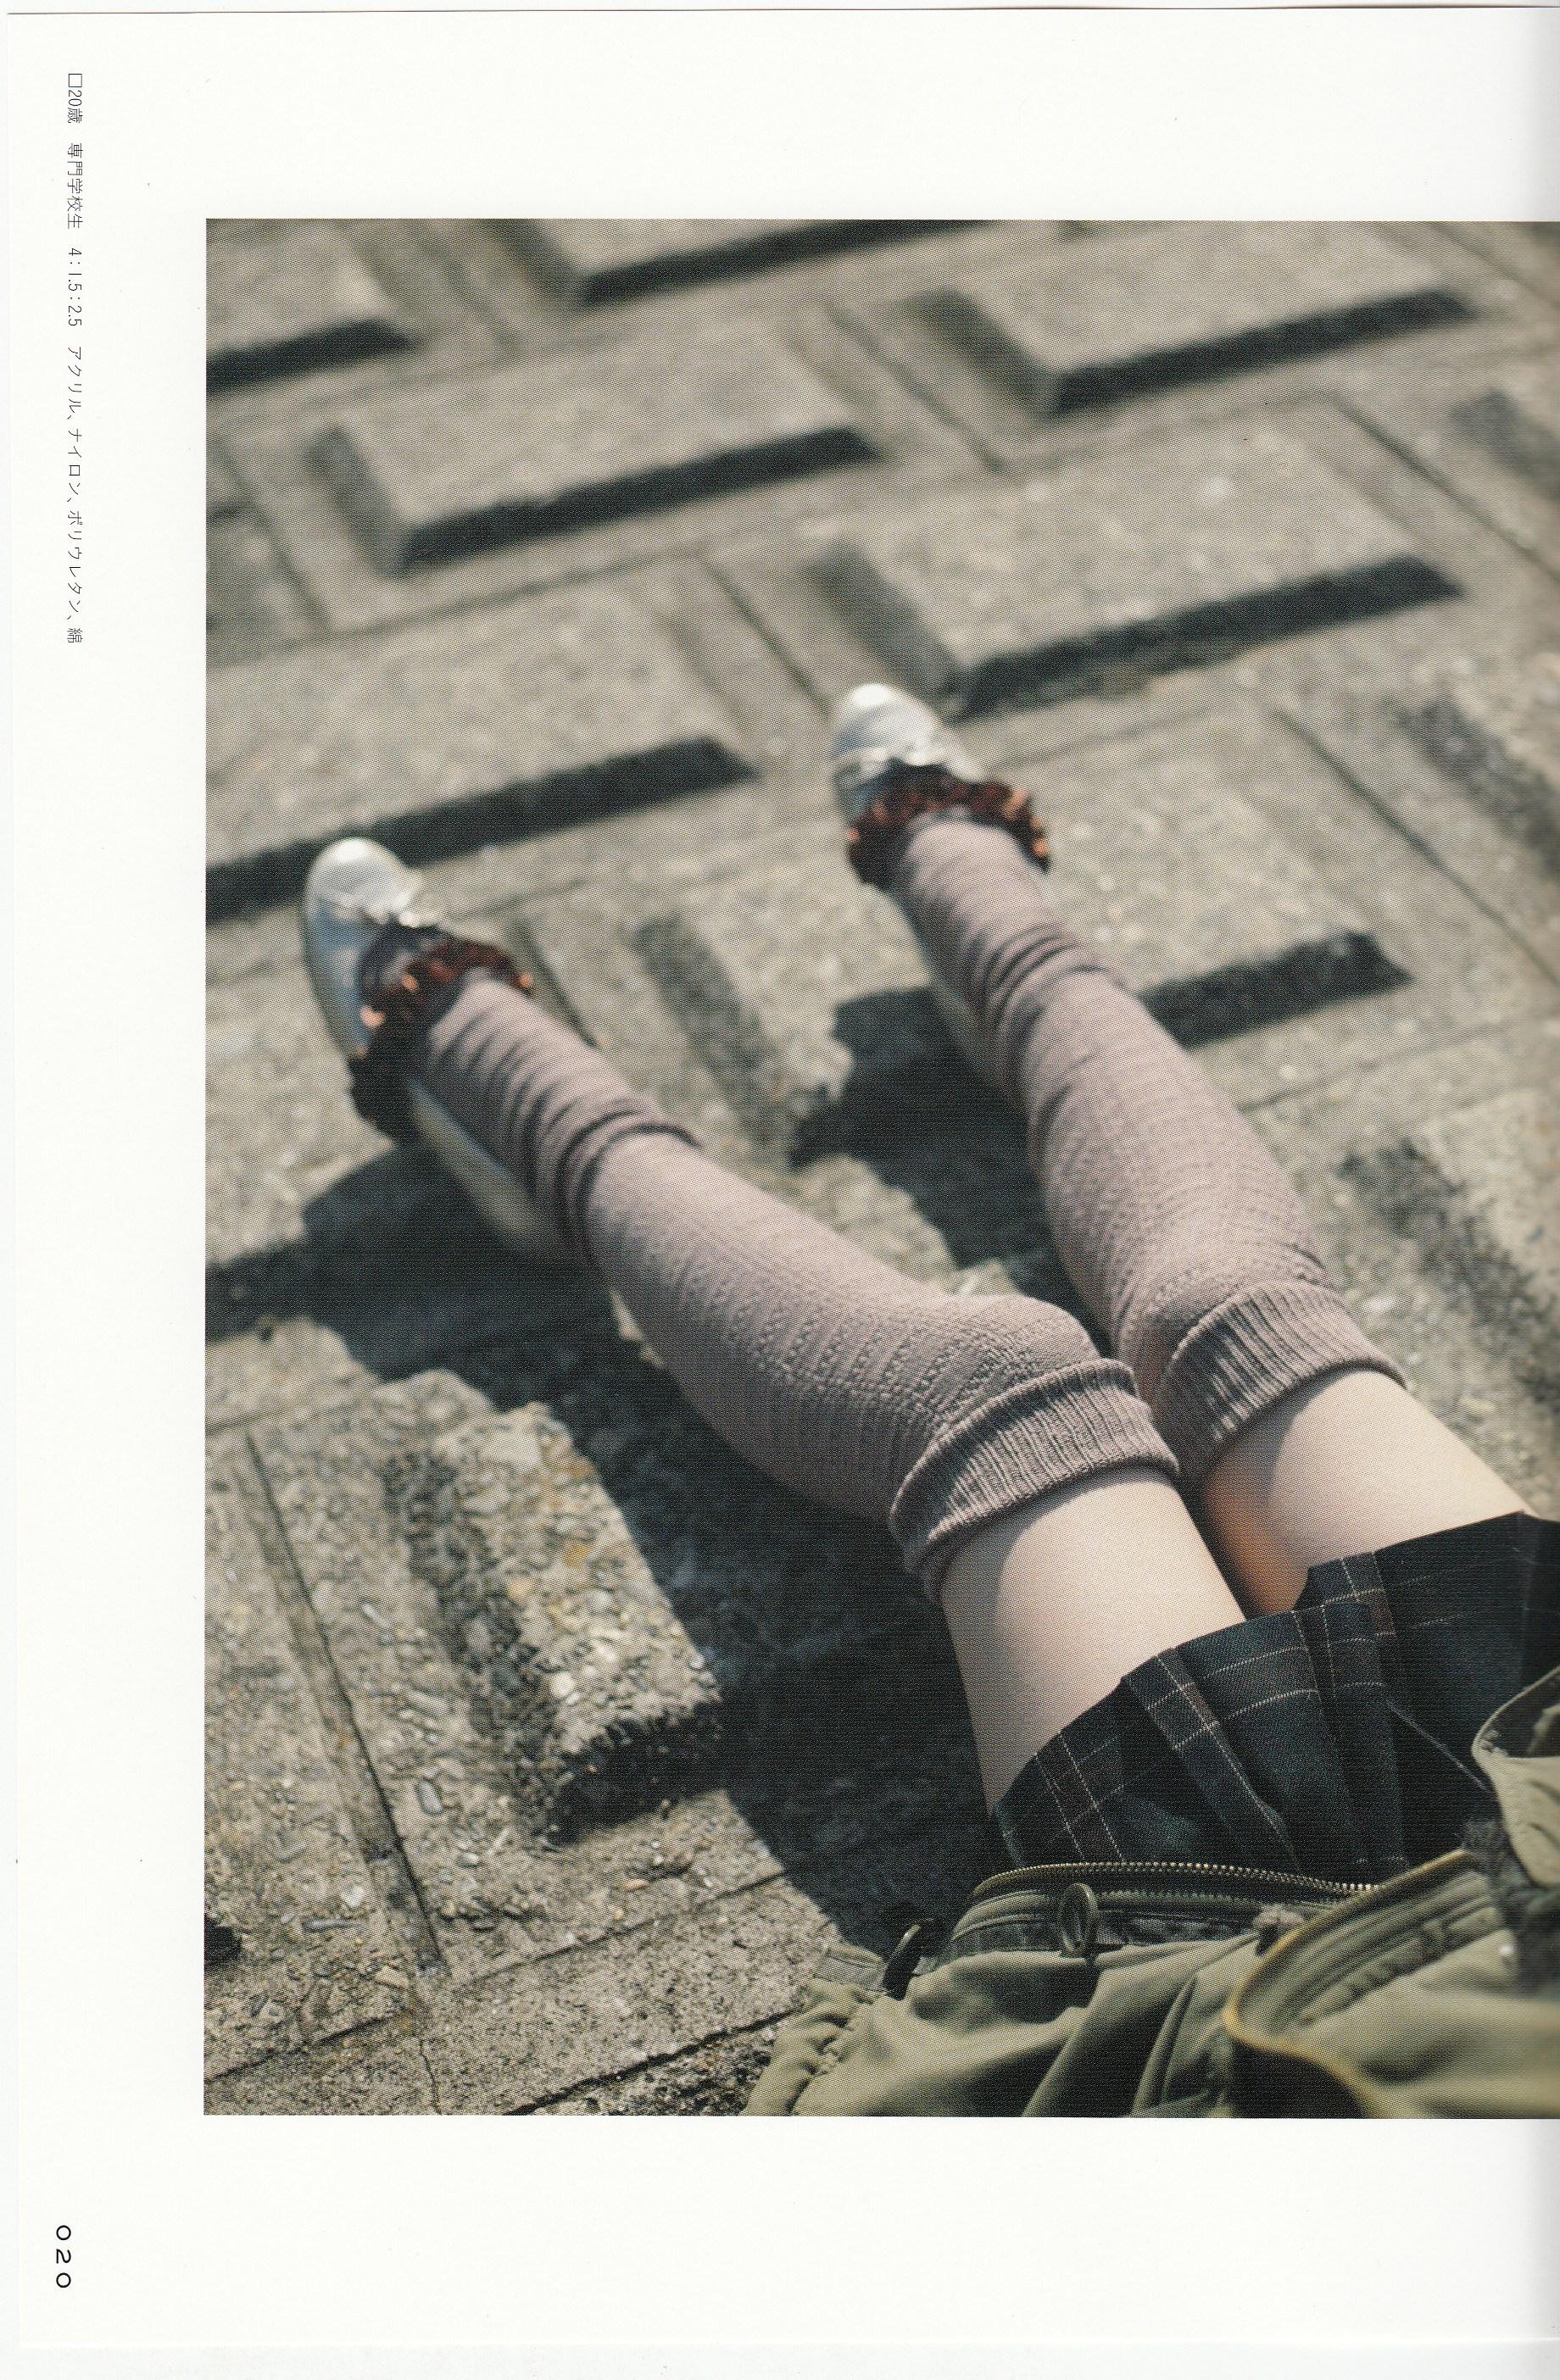 【兔玩映画】新鲜的美少女大腿 兔玩映画 第15张